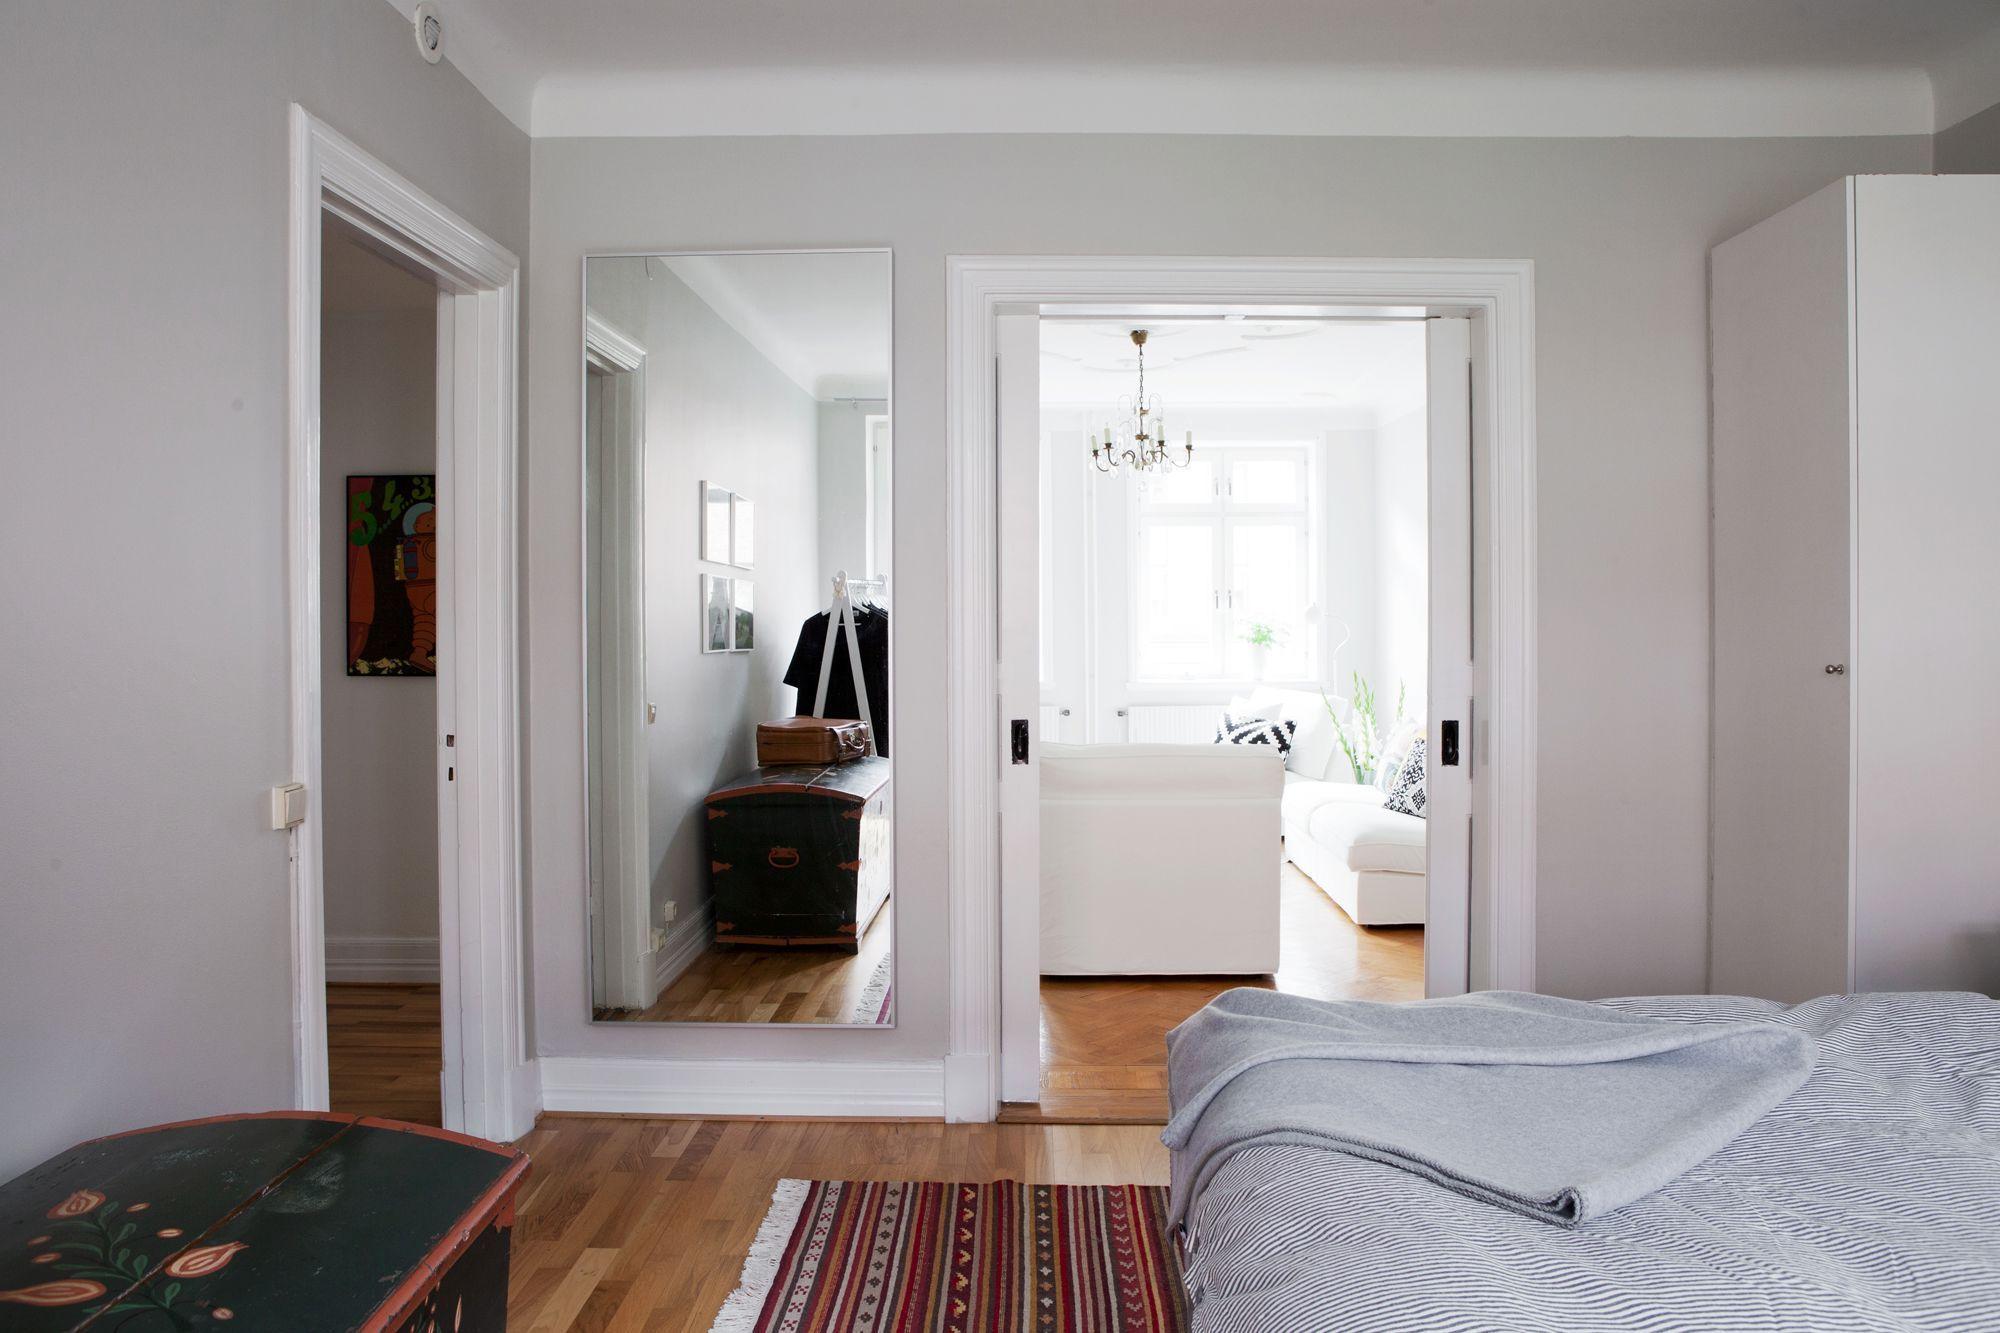 Ikea Pisos Pequeos Cmo Decorar Un Piso Pequeo Con Ikea Trucos  ~ Decorar Apartamento Pequeño Ikea